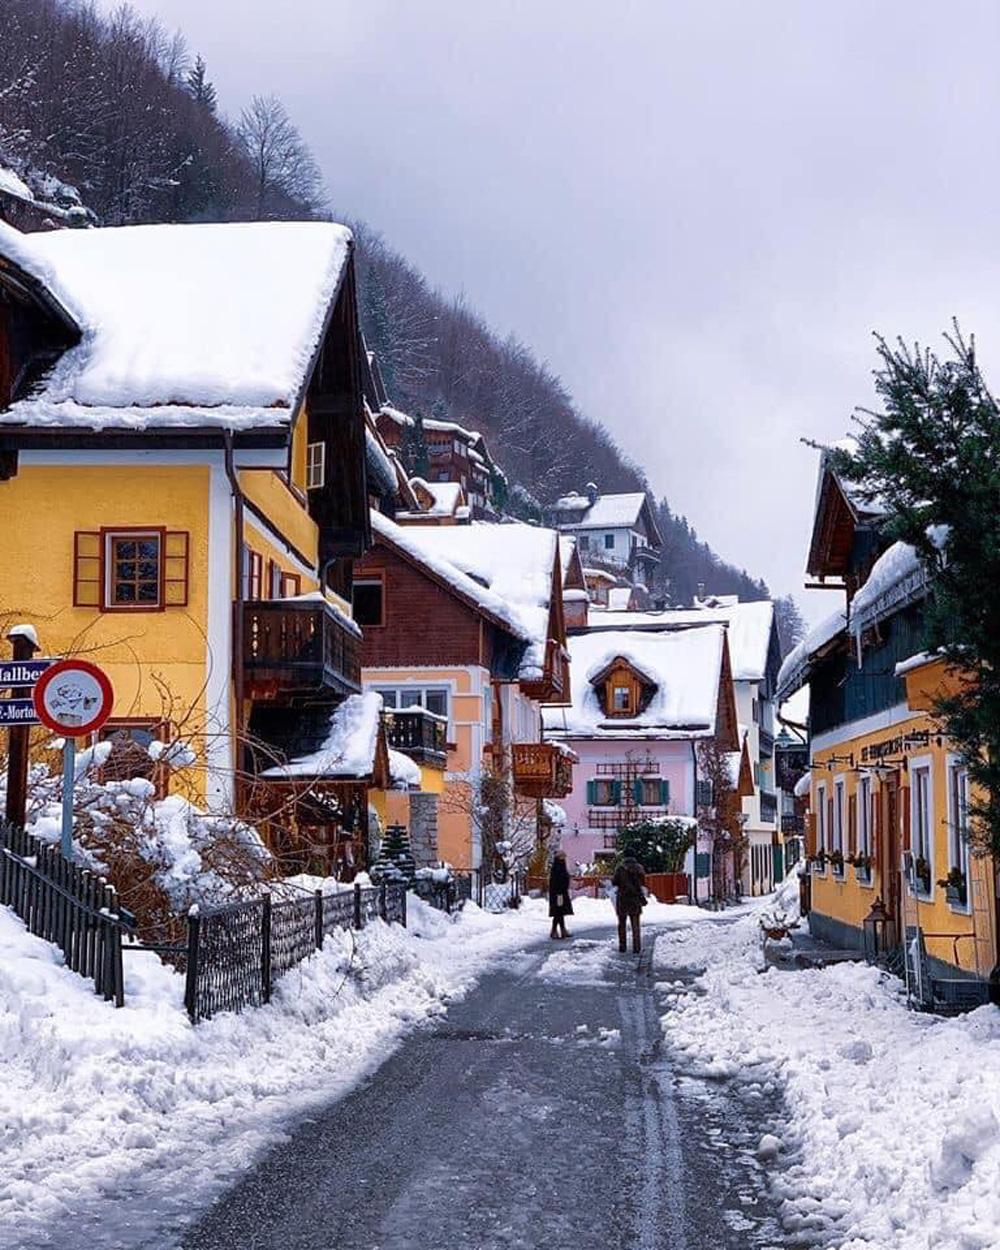 Làng cổ 7.000 năm tuổi Hallstatt đẹp mê mẩn vào mùa đông - Ảnh 7.